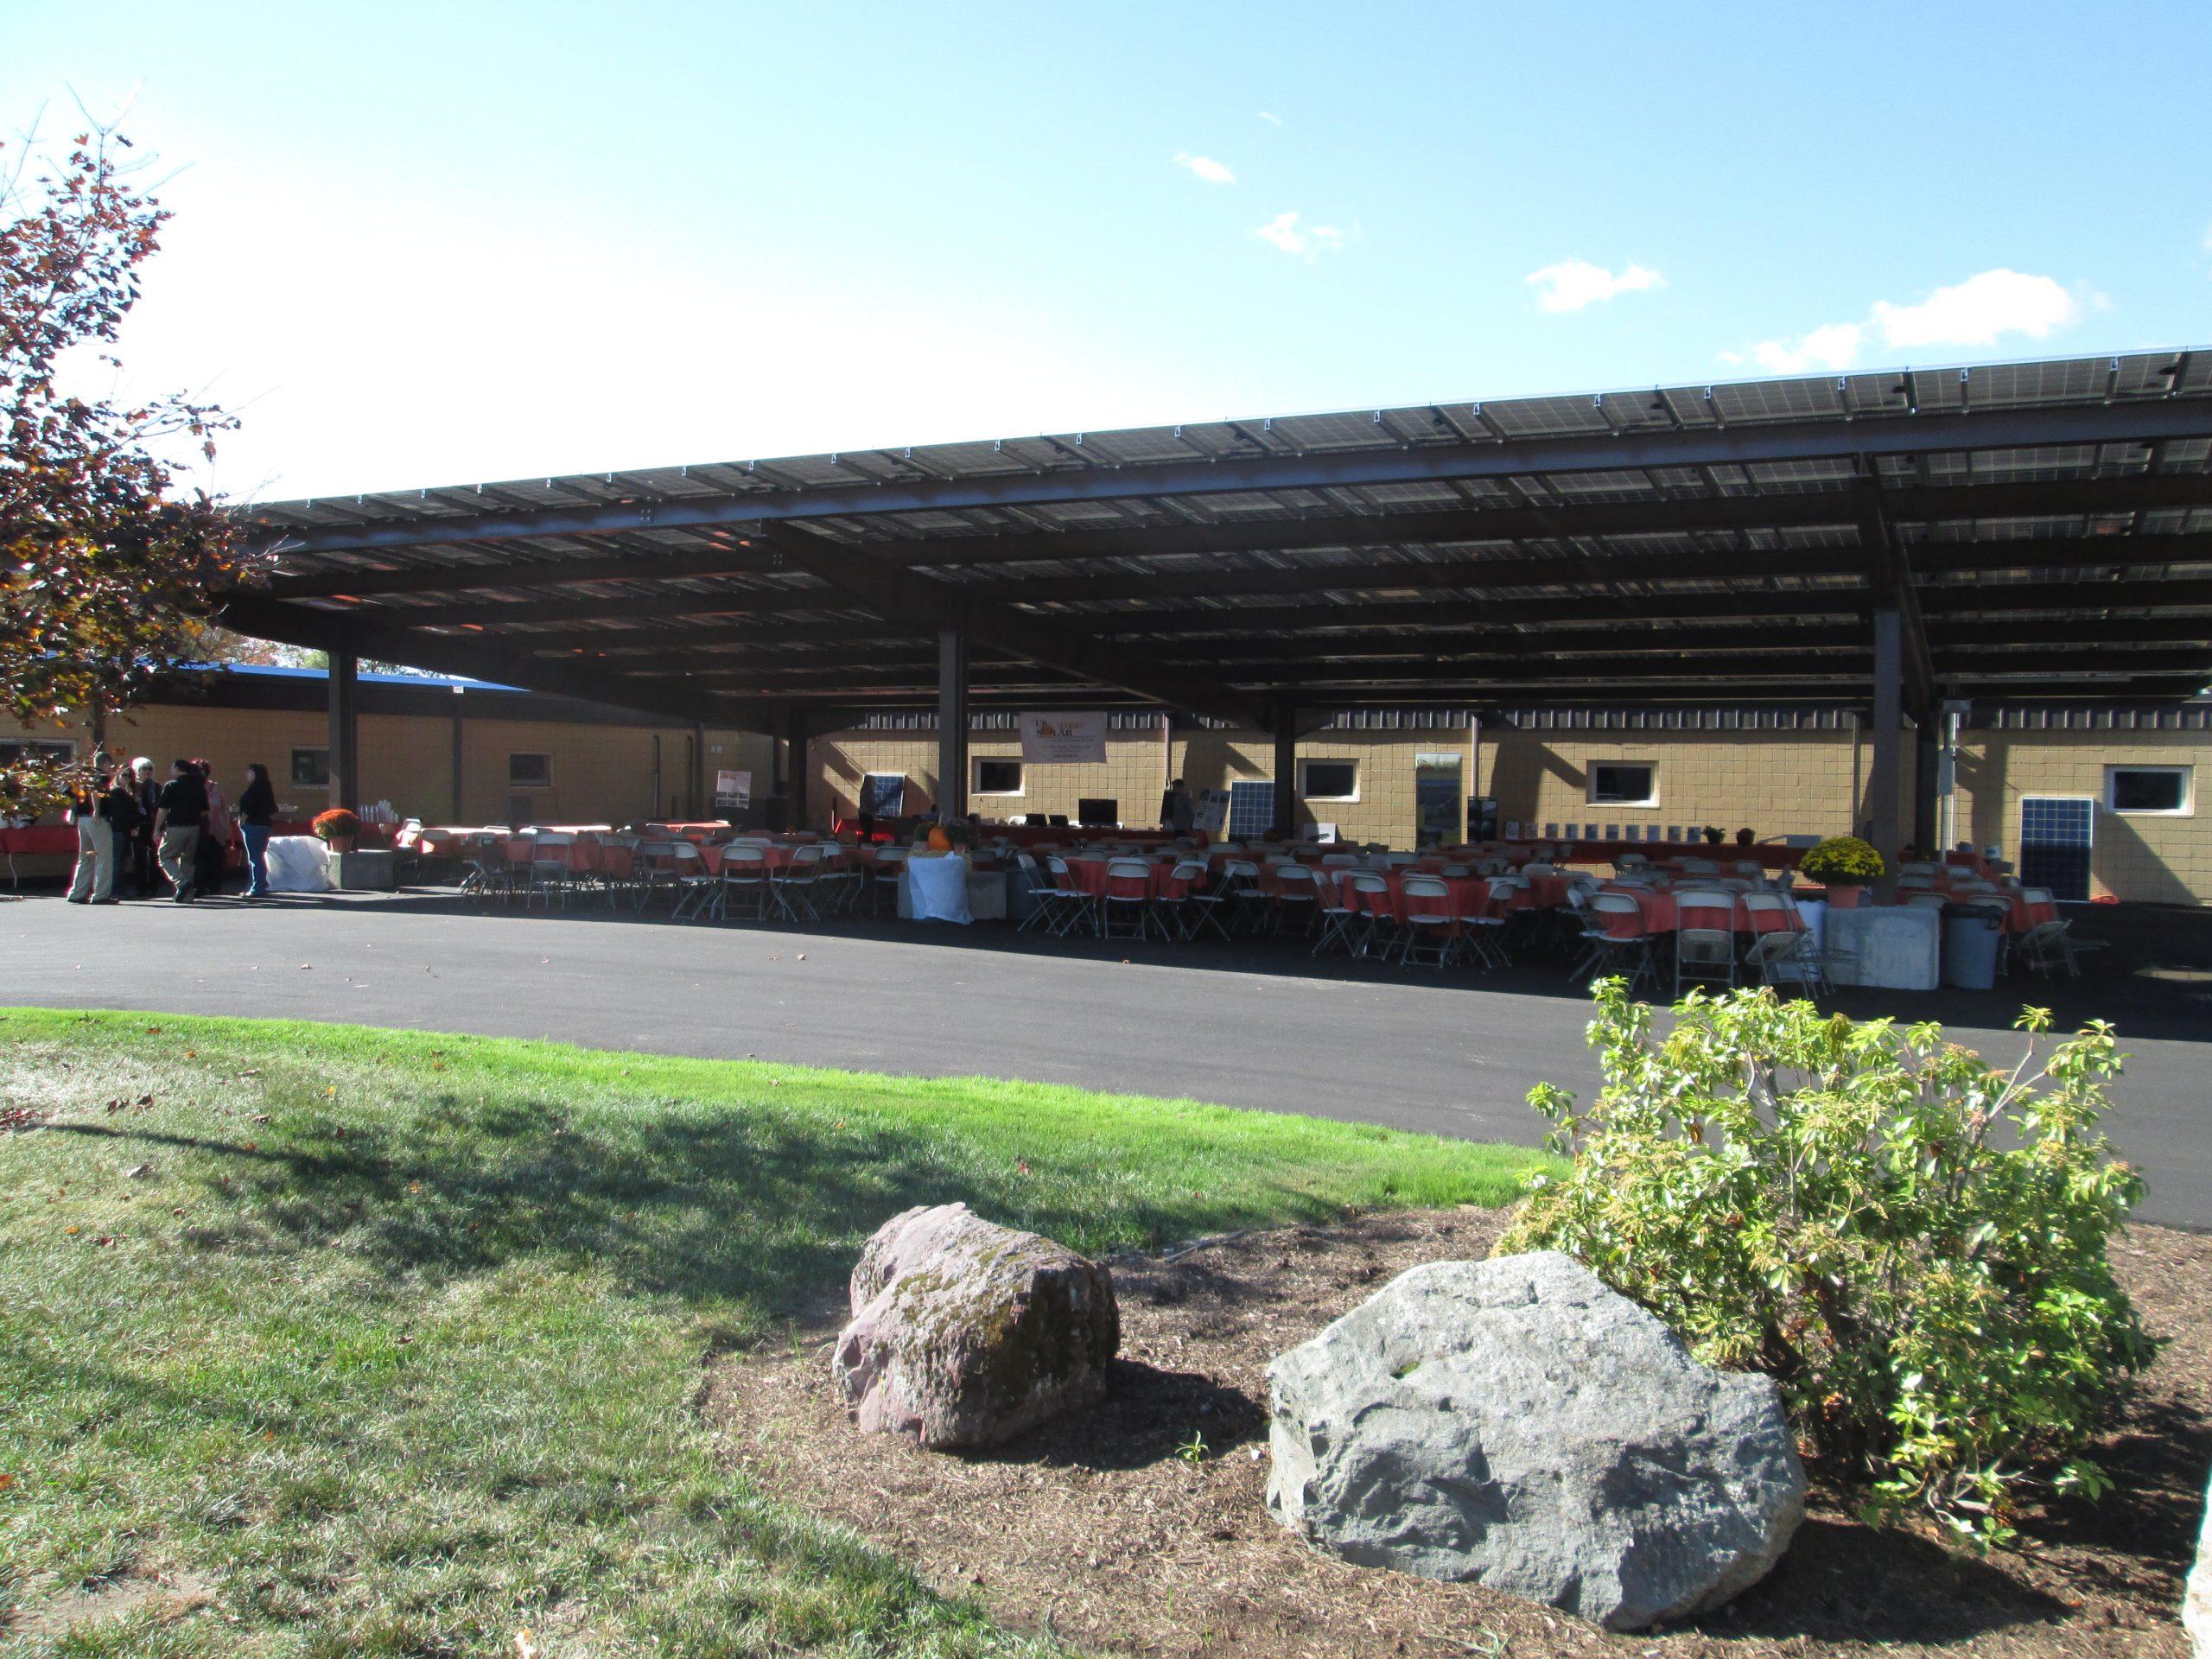 Solar Carport in Attleboro, MA